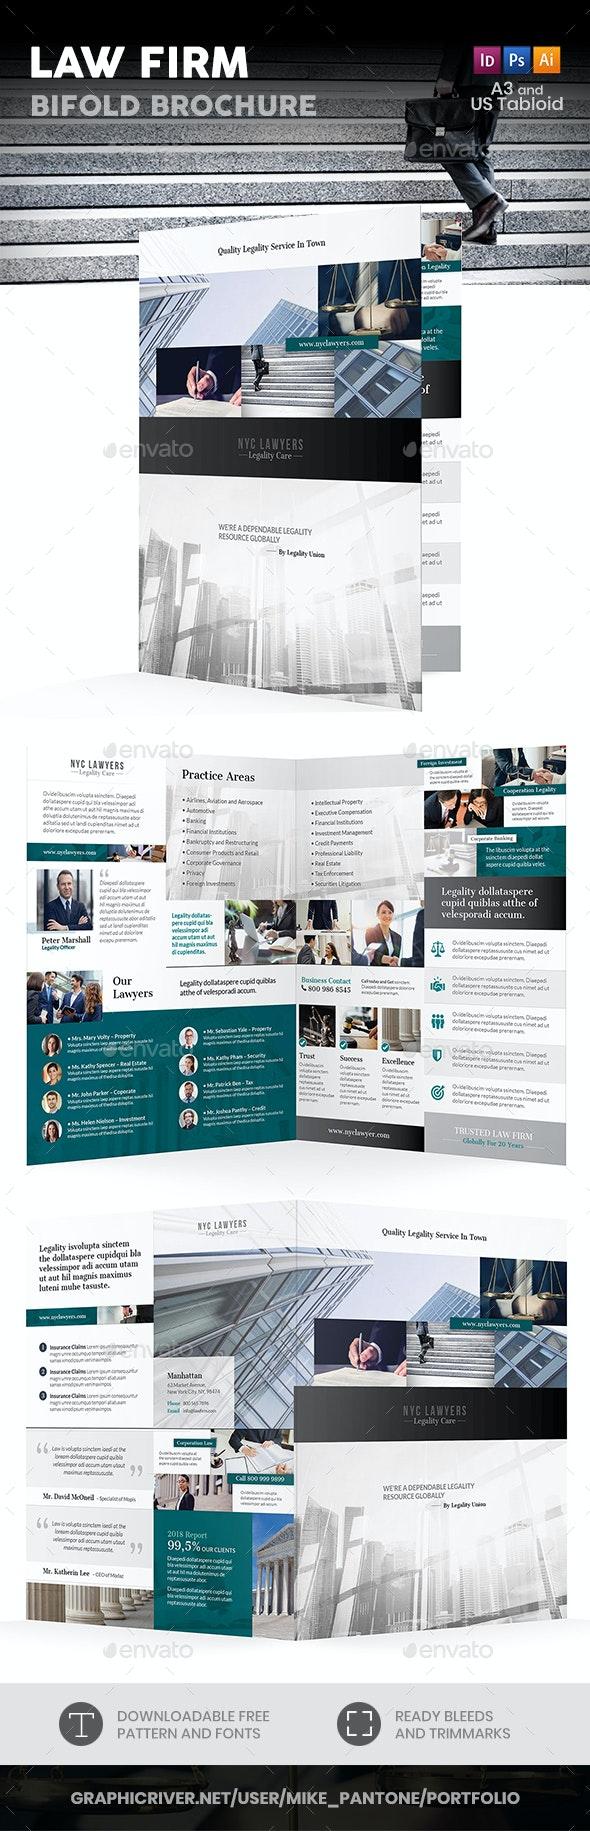 Law Firm Bifold / Halffold Brochure 4 - Informational Brochures